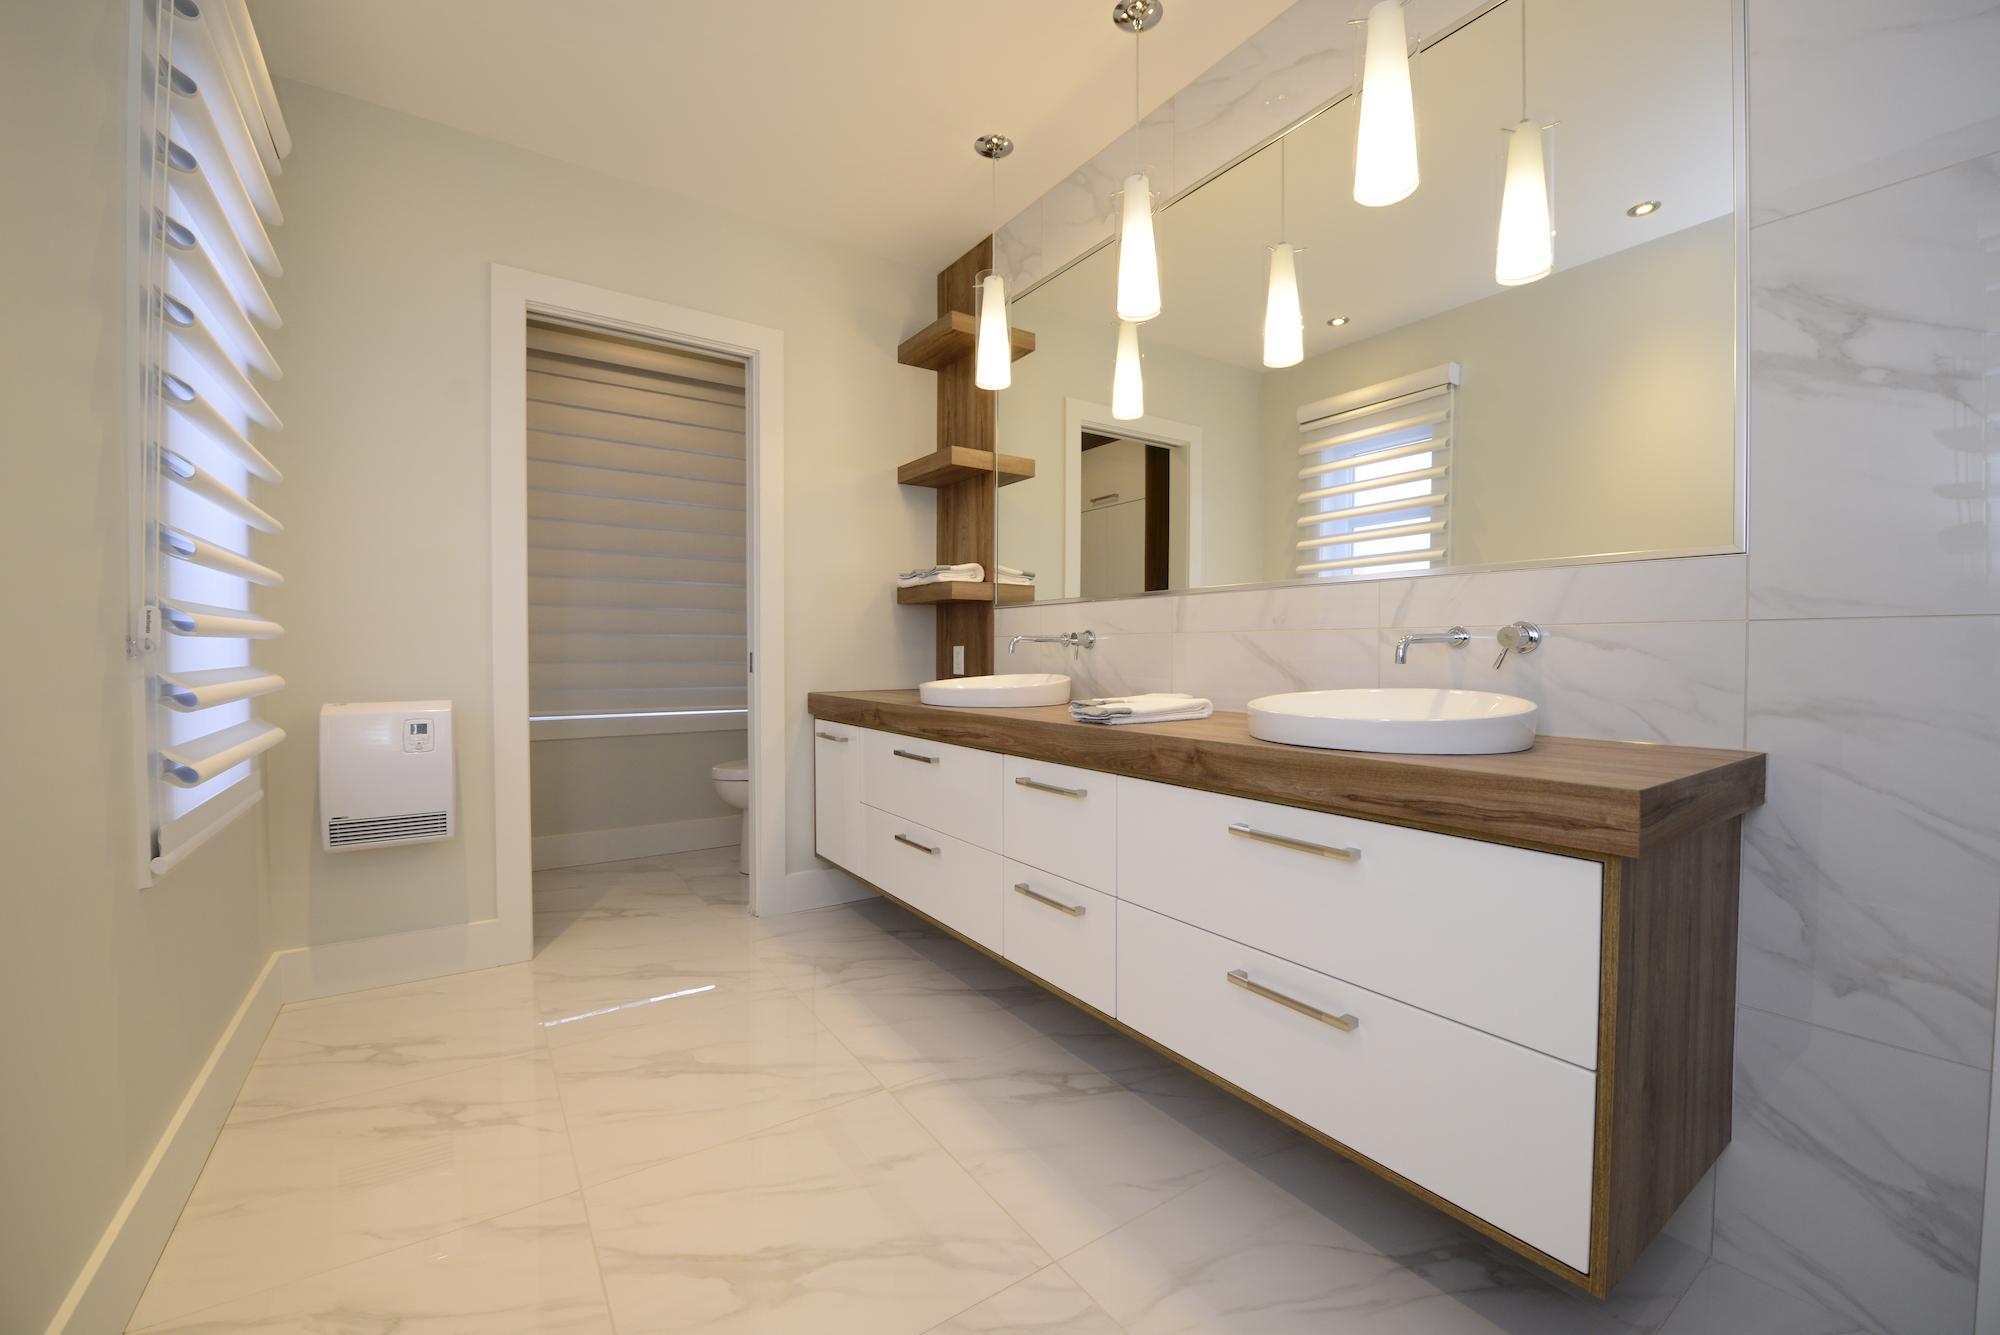 comment maximiser l espace et le rangement de la salle de bain cuisines armoben rive sud de montreal drummondville